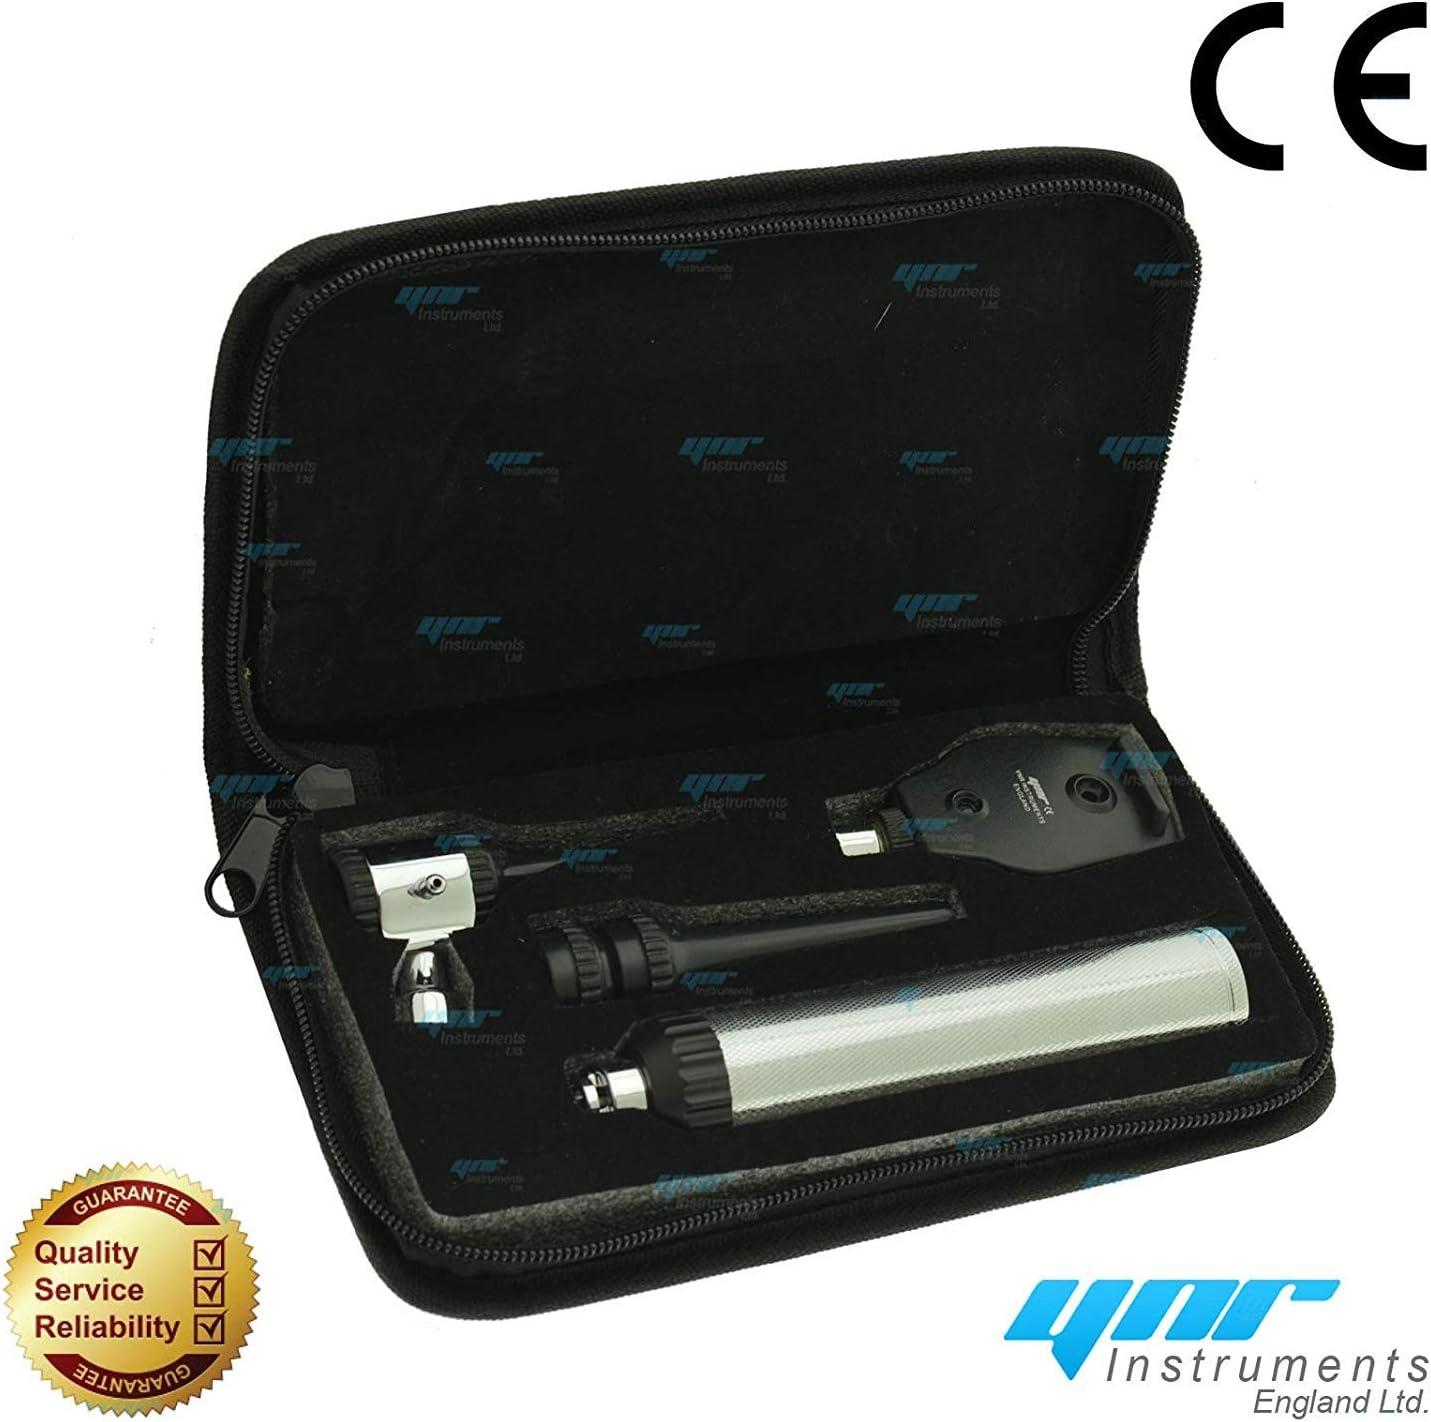 Ynr England Vetscope LED Veterinario Otoscopio Oftalmoscopio Ent Set Veterinario Diagnóstico Veterinarios Profesional Calidad Superior Ce: Amazon.es: Salud y cuidado personal